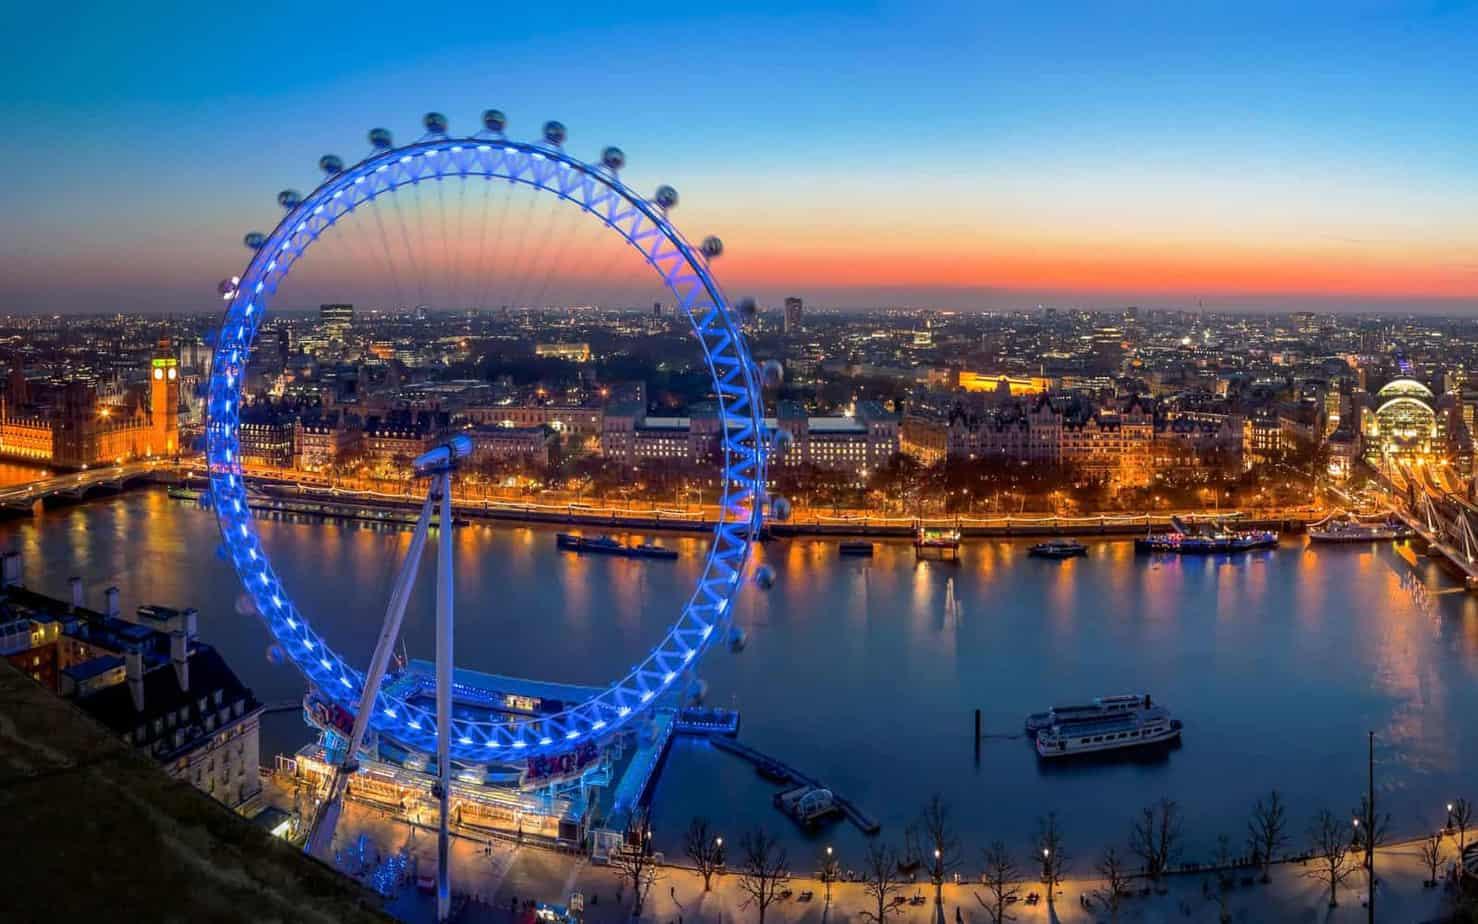 اهم الانشطة السياحية في عين لندن